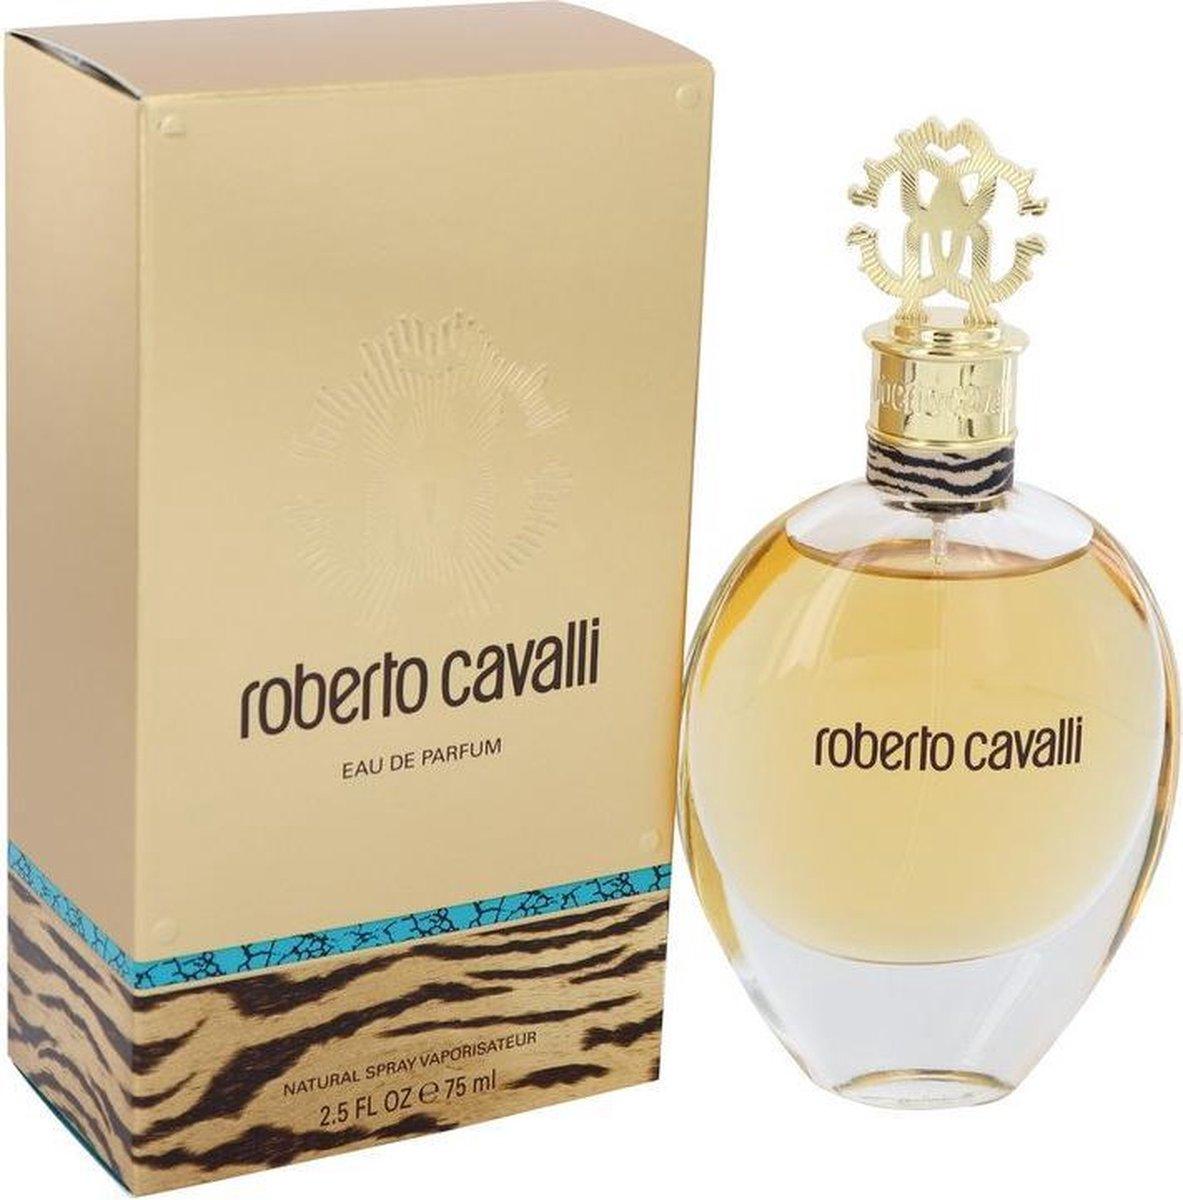 Roberto Cavalli 75 ml - Eau de Parfum - Damesparfum op De Prijzenvolger